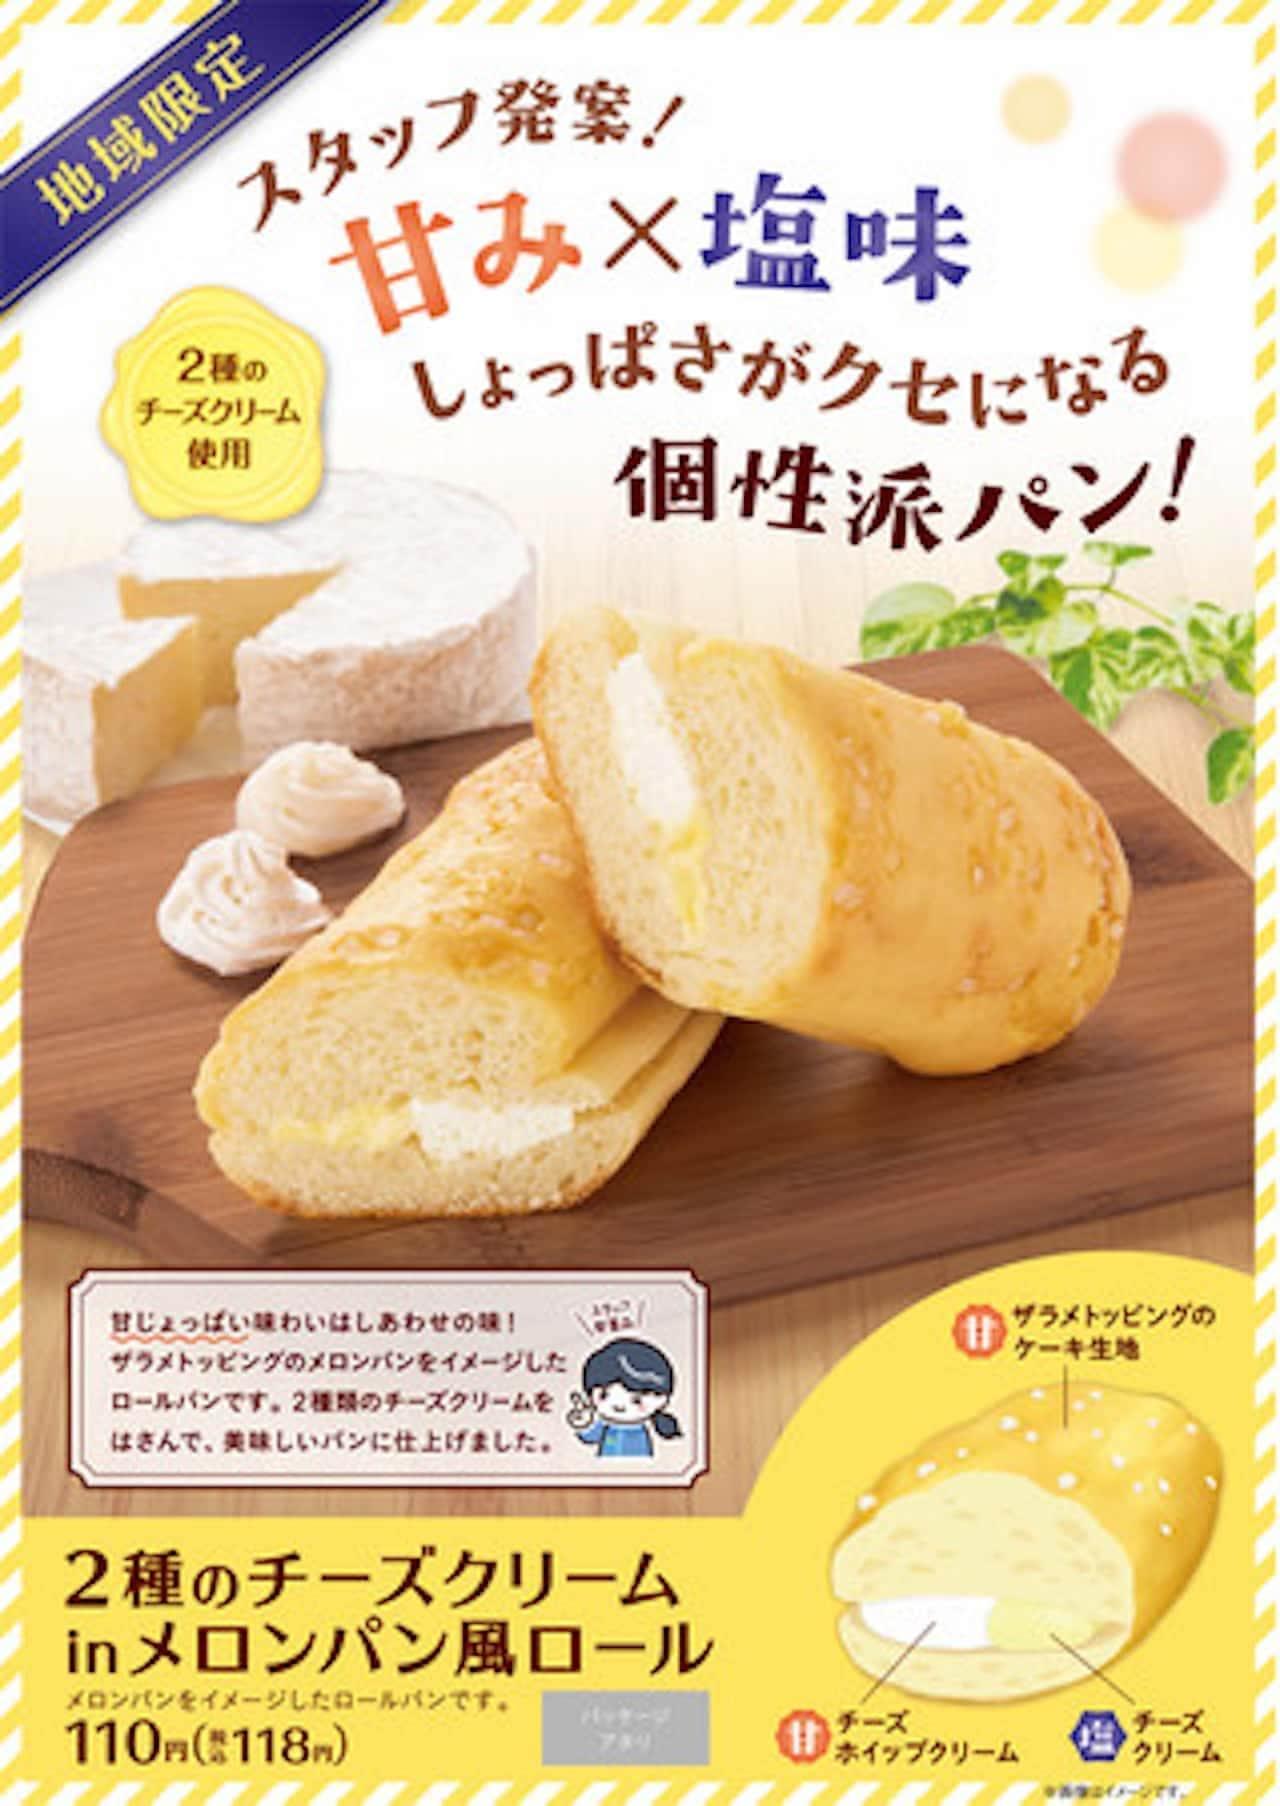 ファミマ「2種のチーズクリームinメロンパン風ロール」地域限定